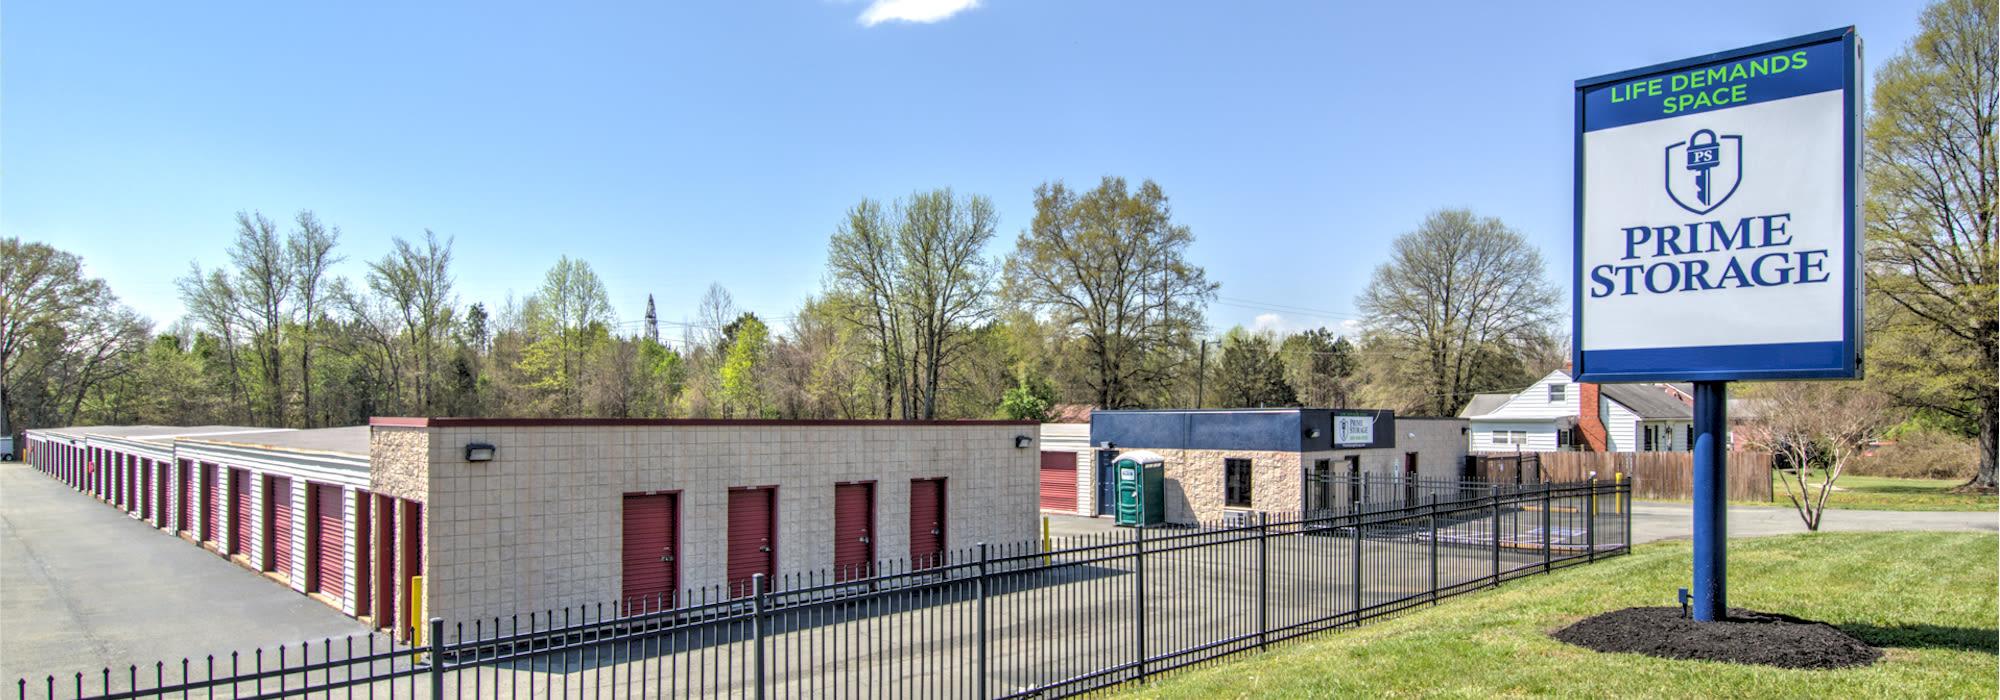 Prime Storage in Ashland, VA